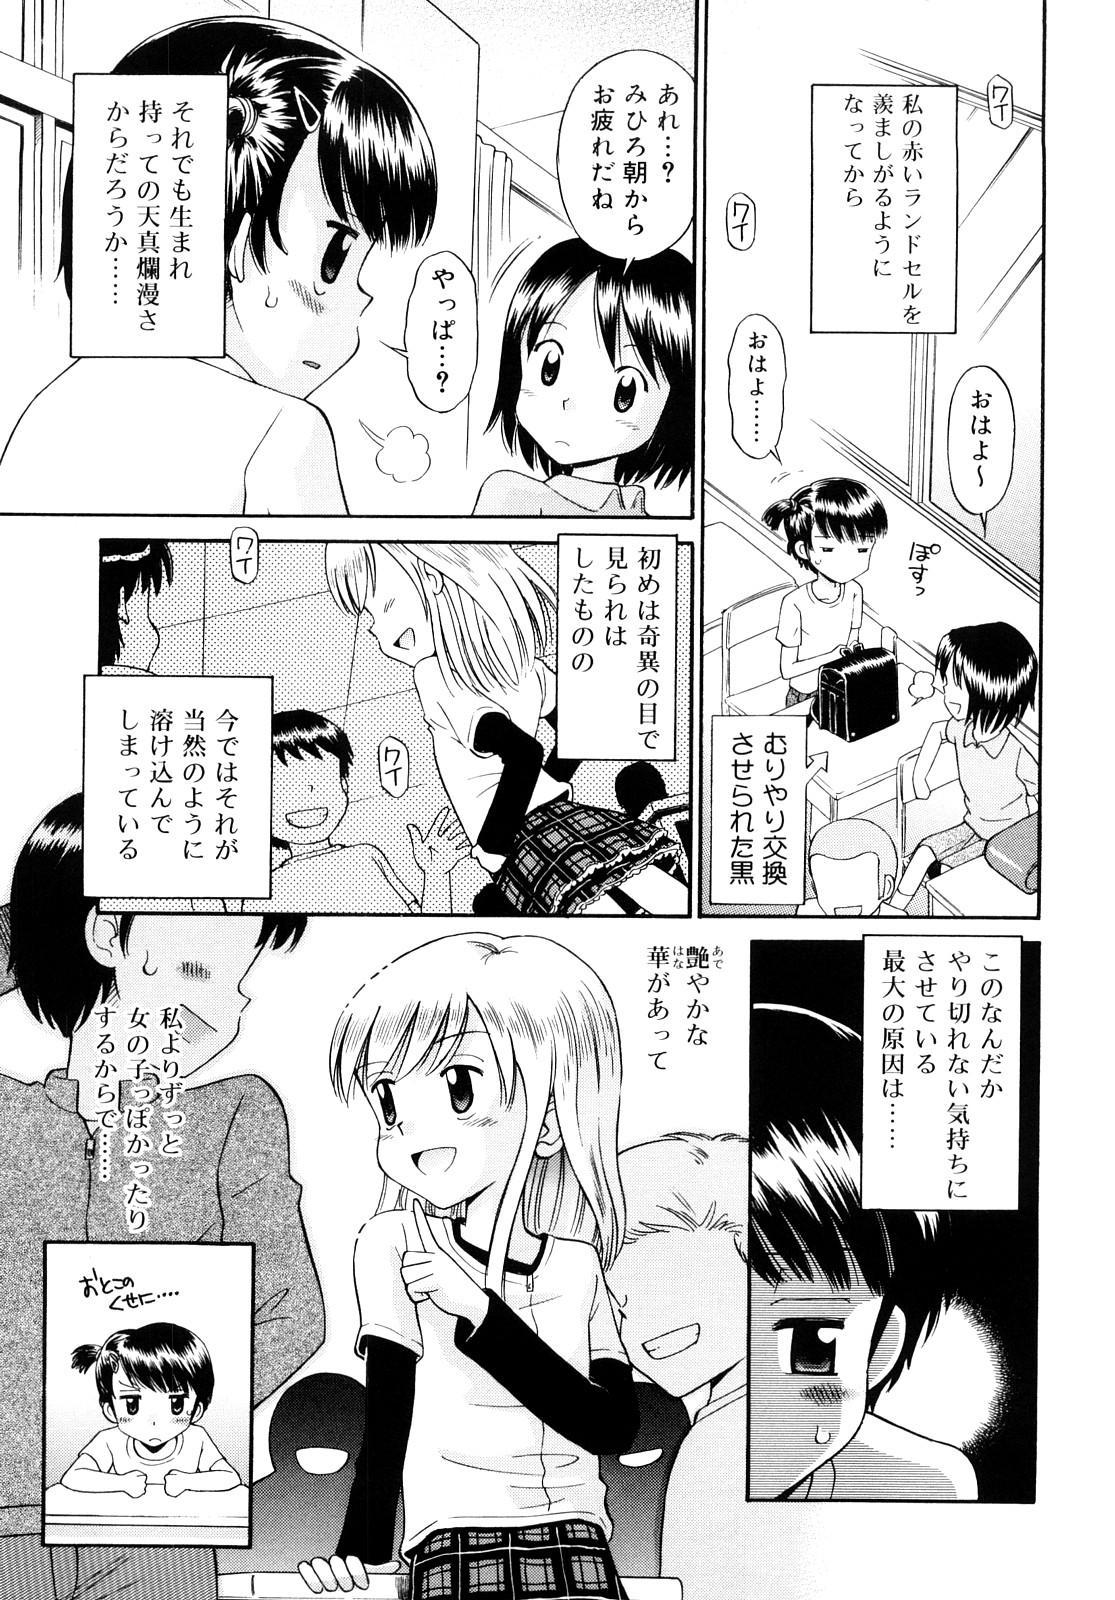 Komugiiro Rhapsody 117